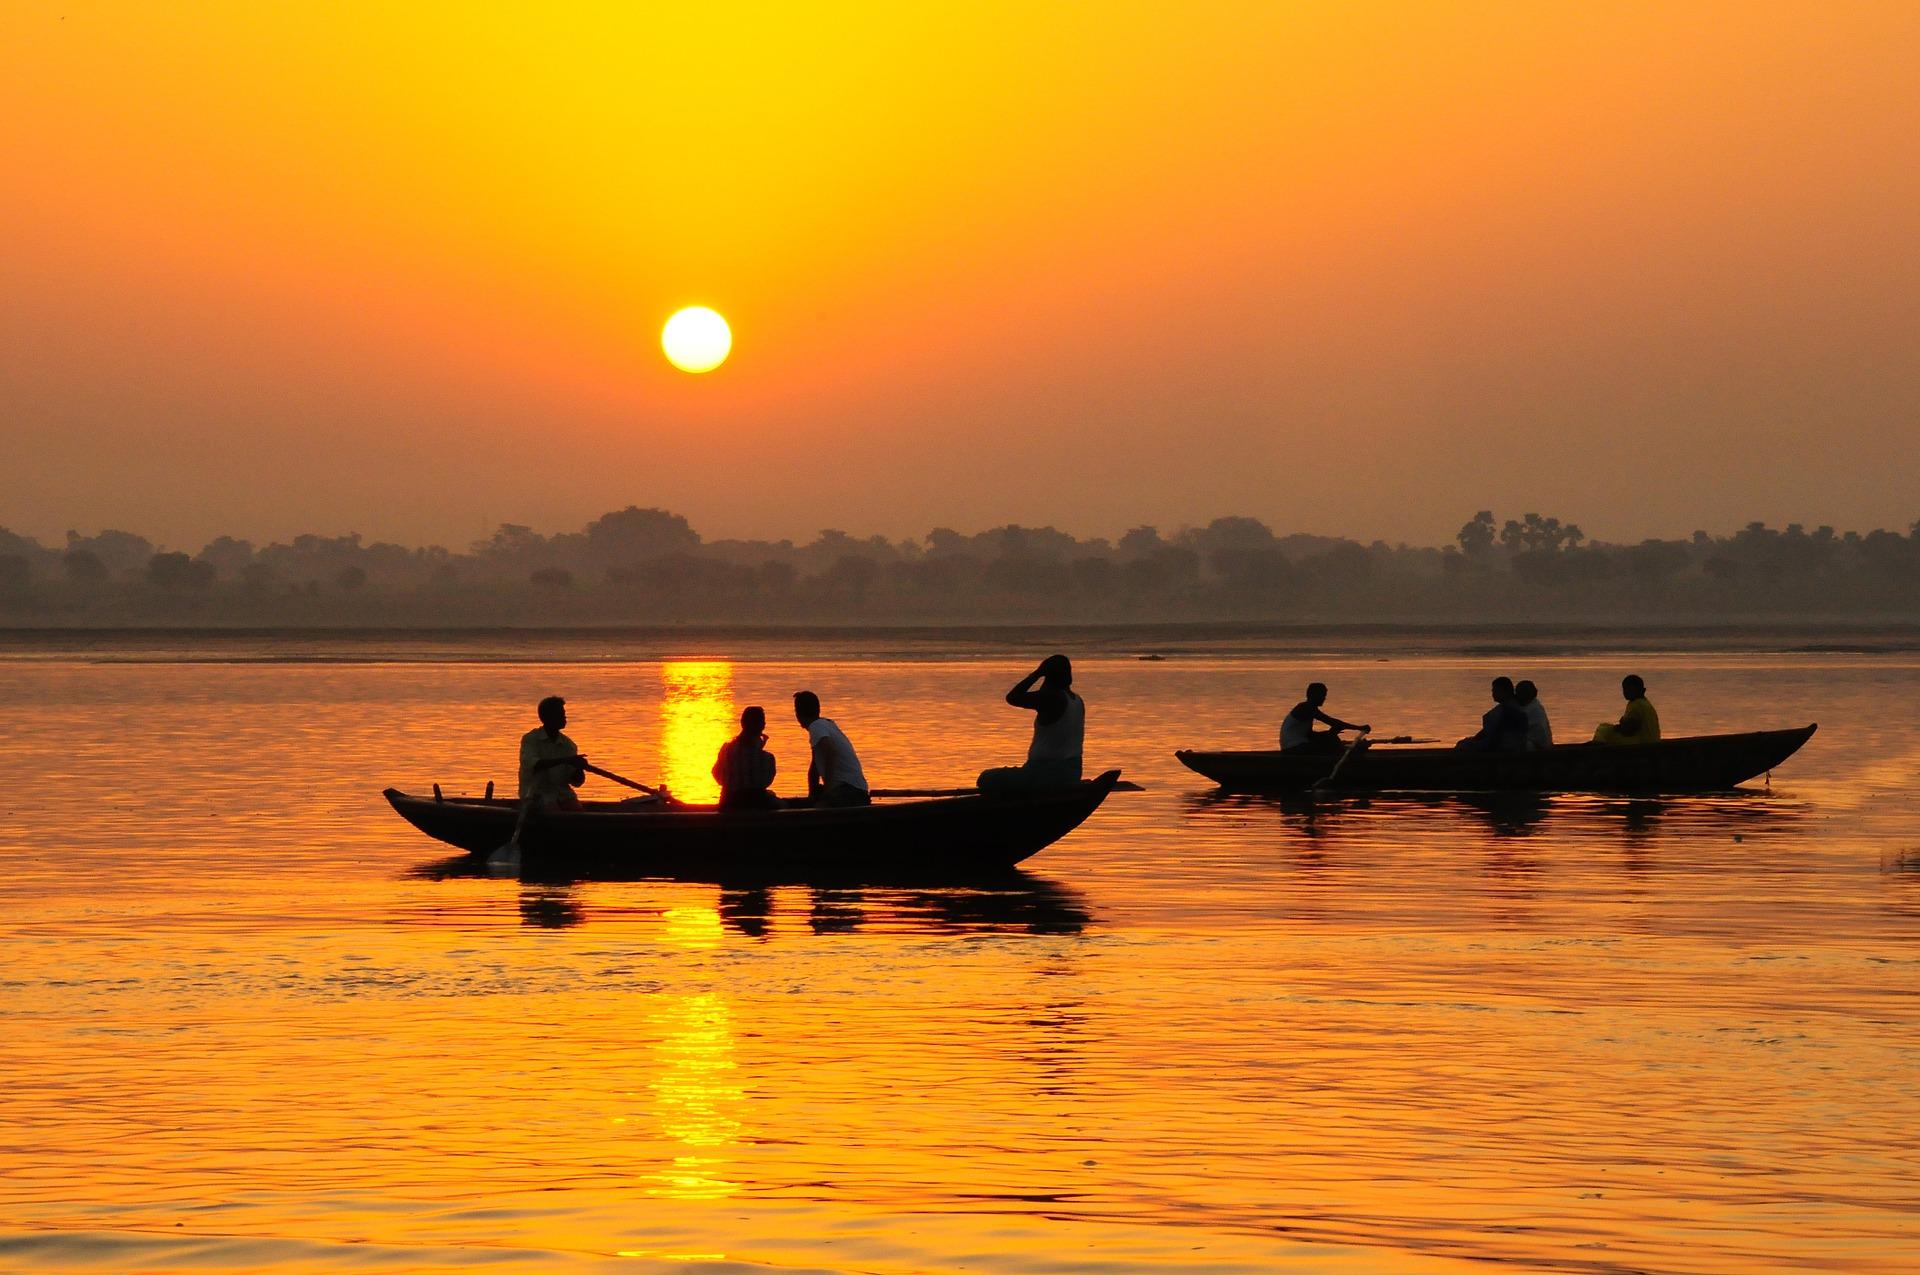 הוצאת ויזה להודו: כל מה שצריך לדעת על התהליך